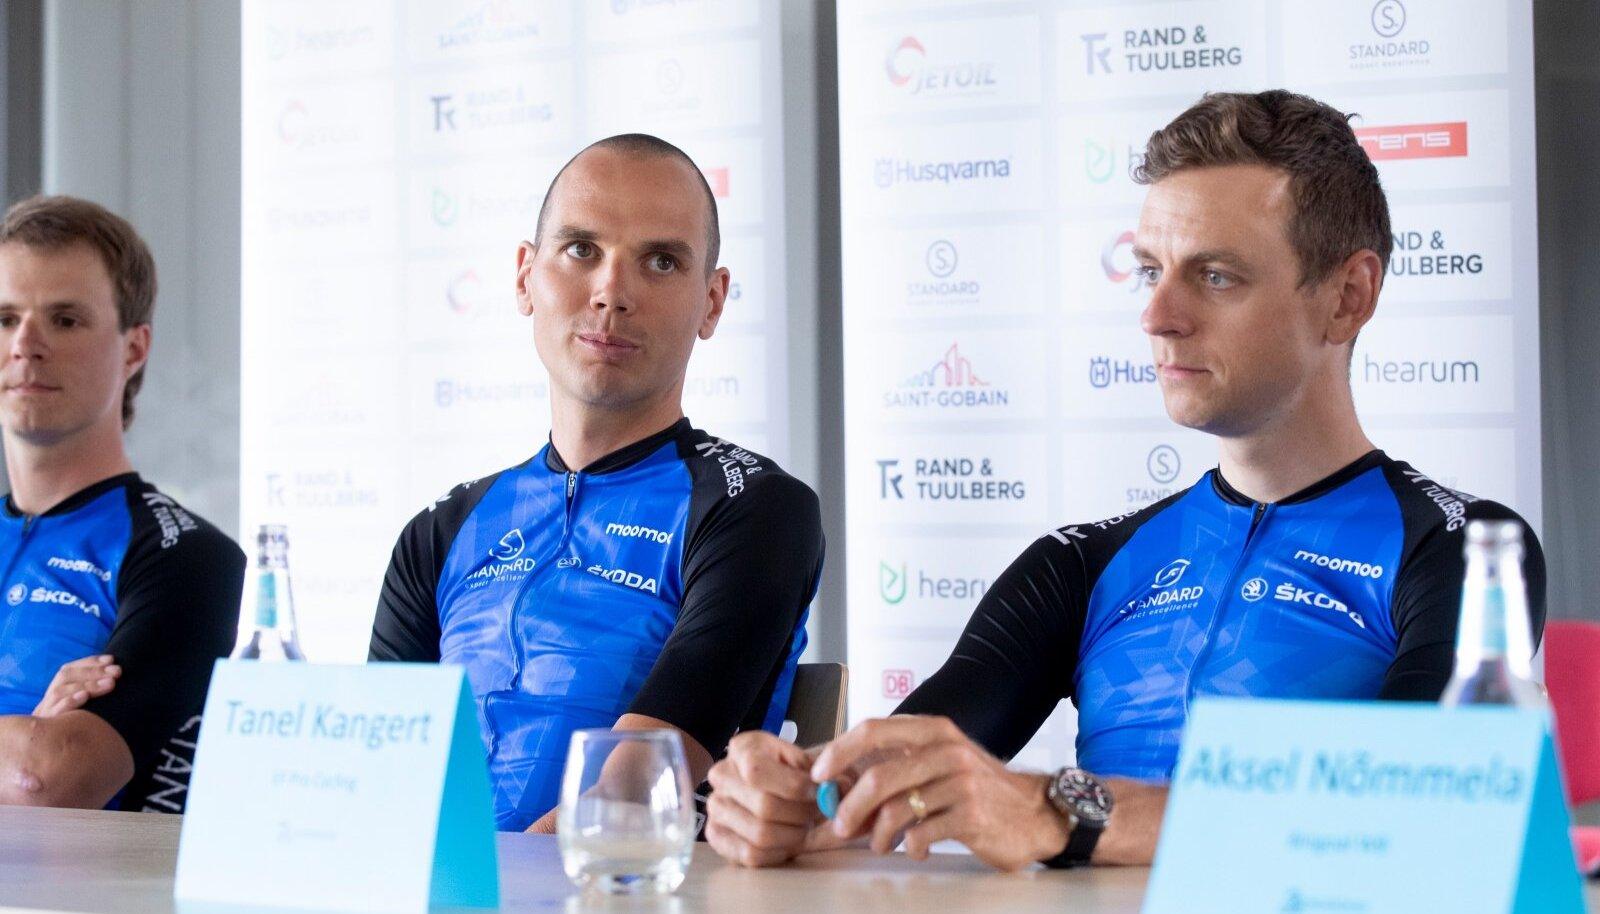 Eesti jalgrattakoondise pressikonverents, Taaramäe ja Kangert